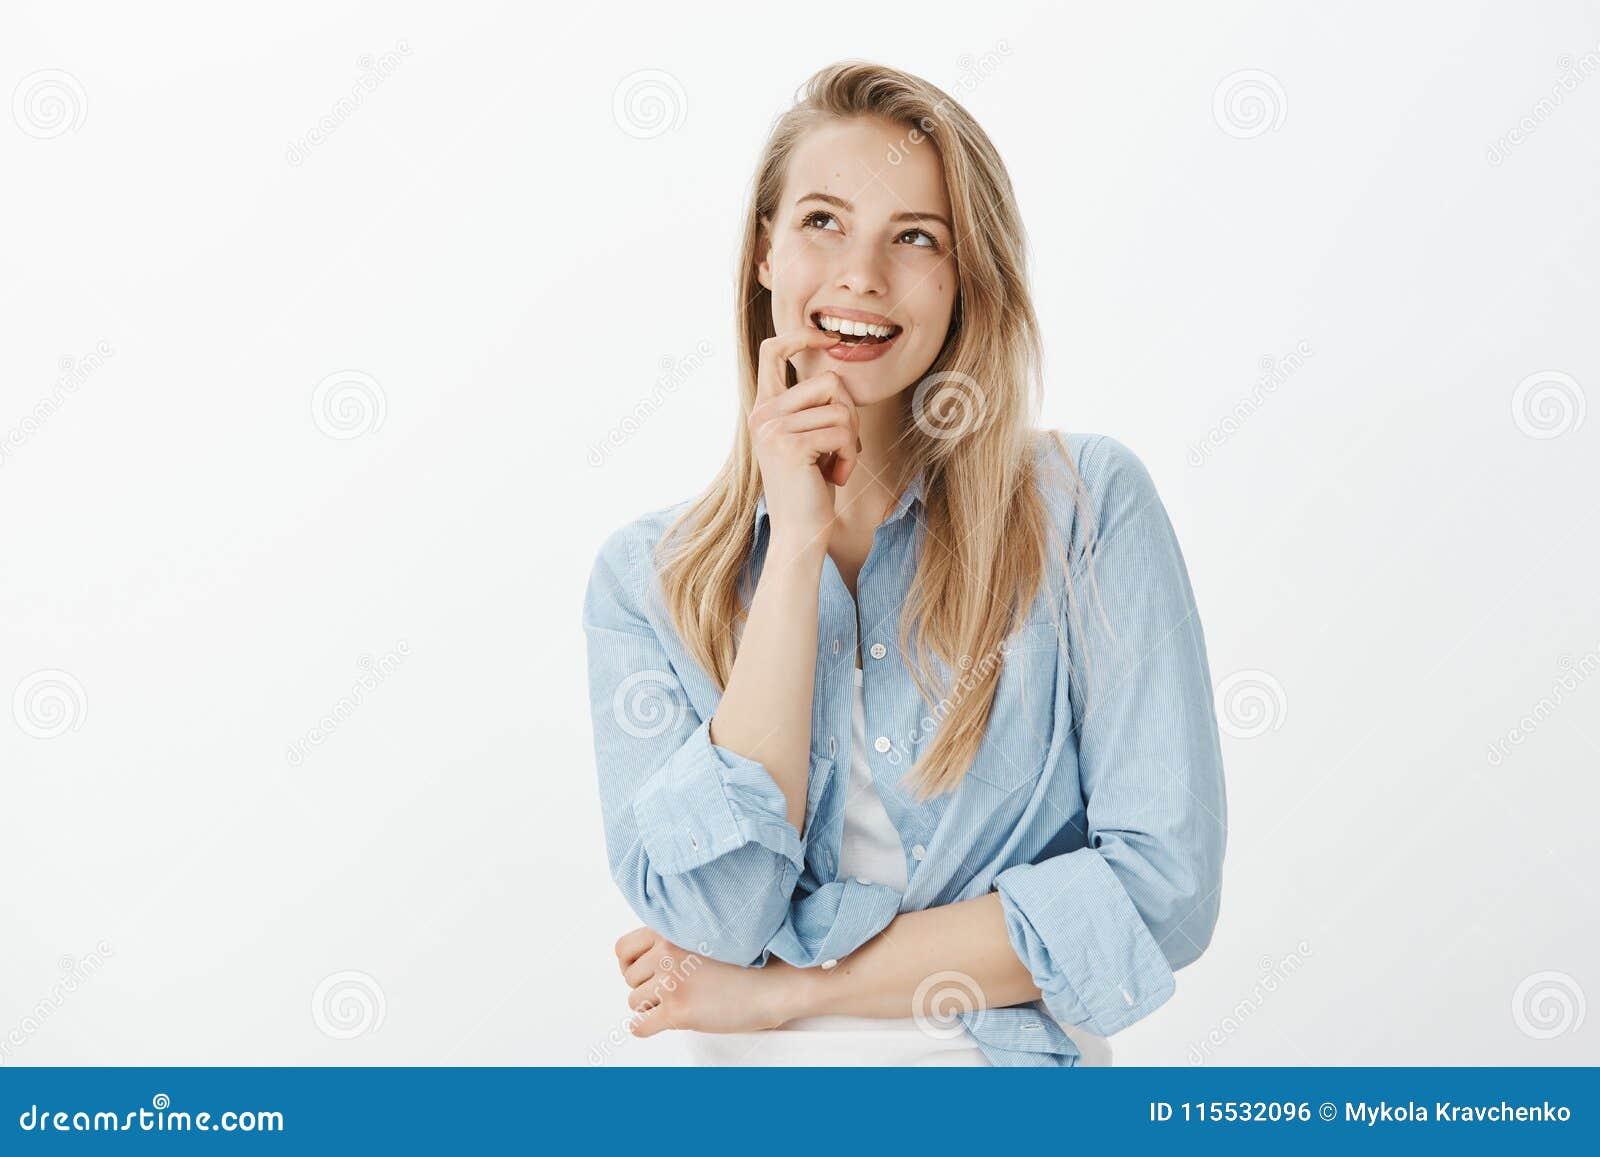 Δημιουργικός όμορφος θηλυκός σχεδιαστής με τα ξανθά μαλλιά, δάχτυλο δαγκώματος, να φανεί επάνω και να χαμογελάσει περίεργα ενώ έχ